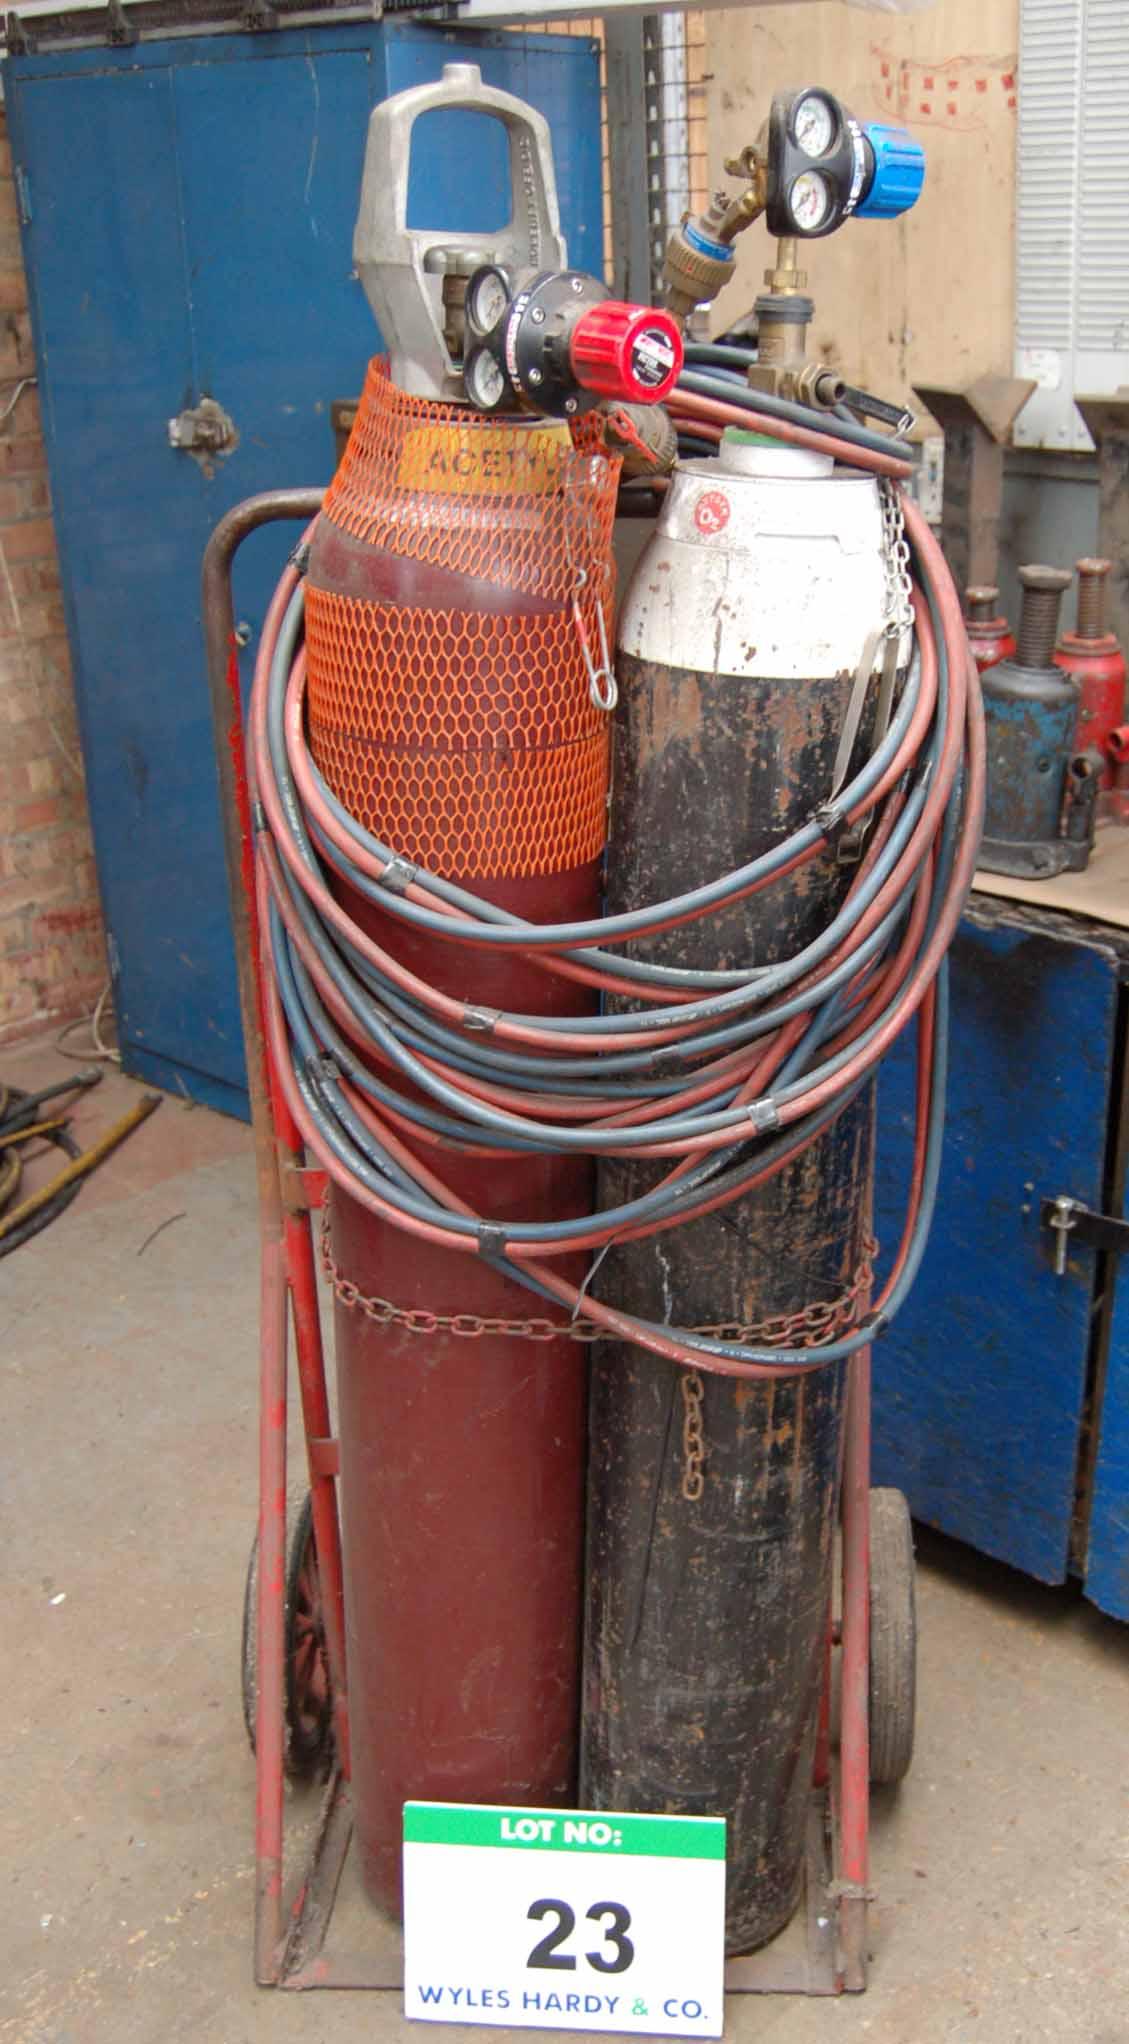 Lot 23 - An Oxy-Acetylene Welding Set with Steel Twin Bottle Trolley Regulators, Hose and Lance (Bottles